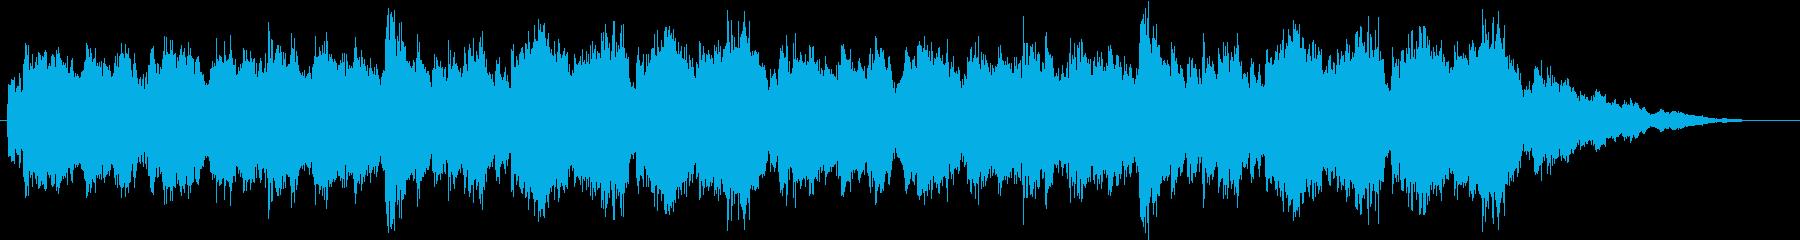 休憩部屋(リラックス)【オーケストラ】の再生済みの波形